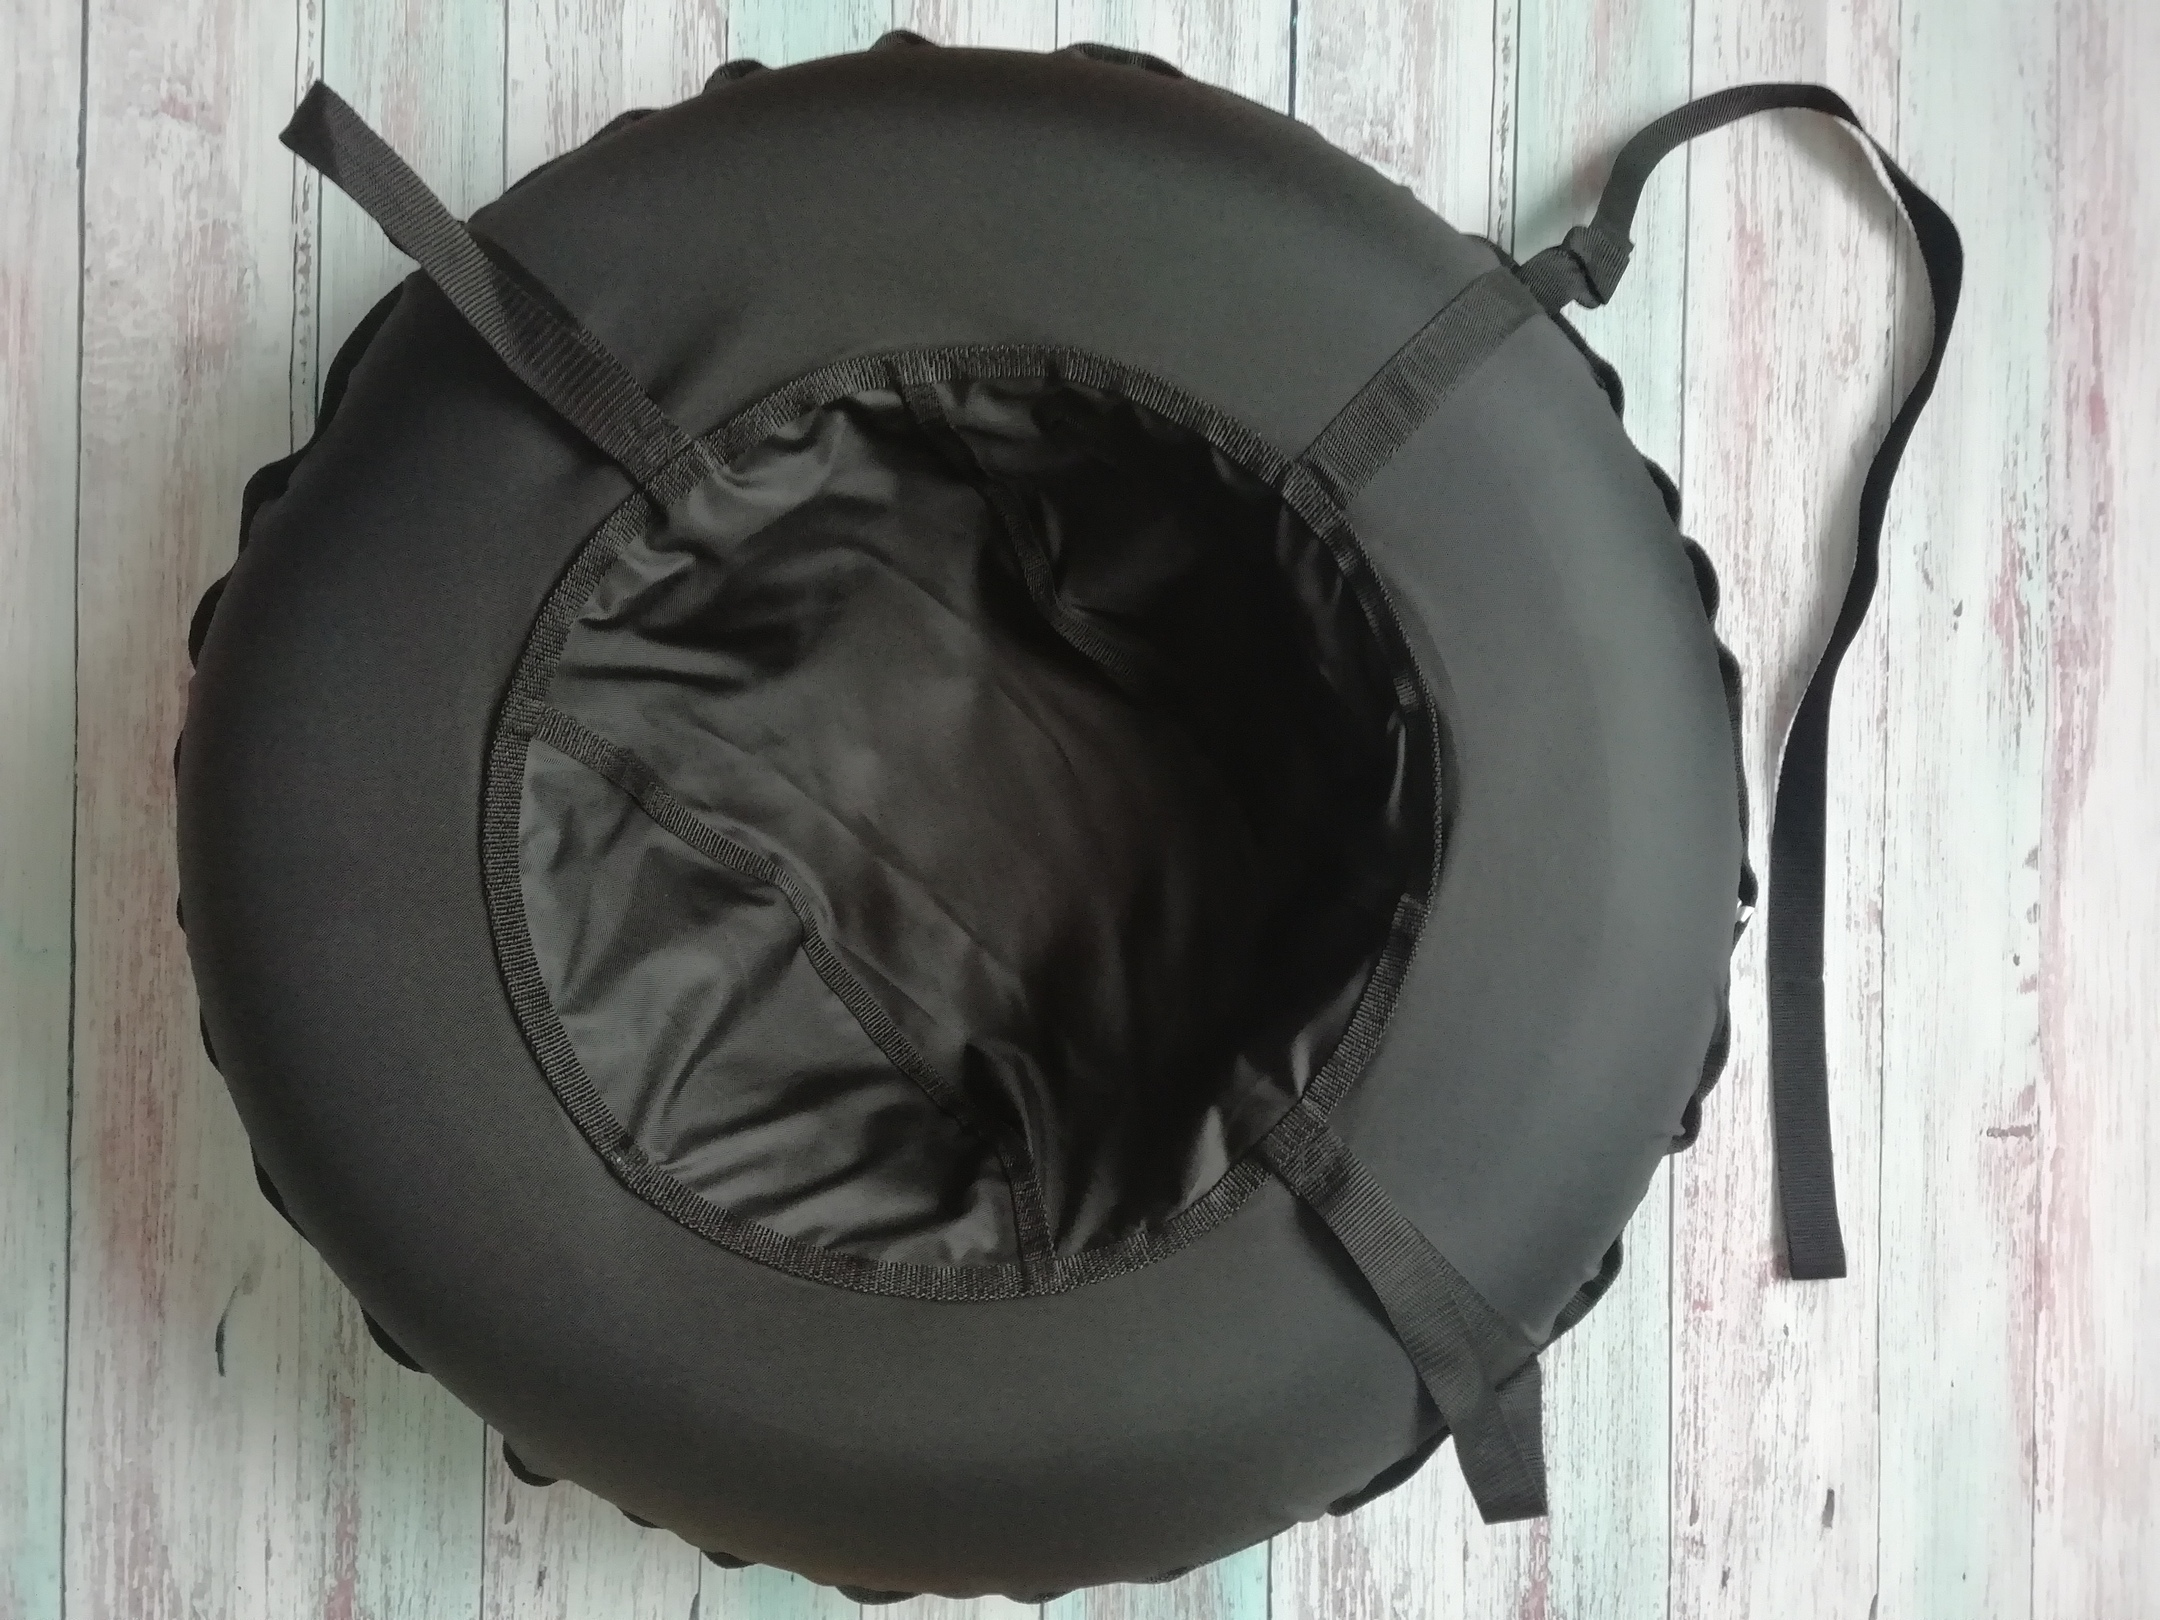 Купить надувные санки ватрушку тюбинг сноутьюб подушку плюшку для катания Самара